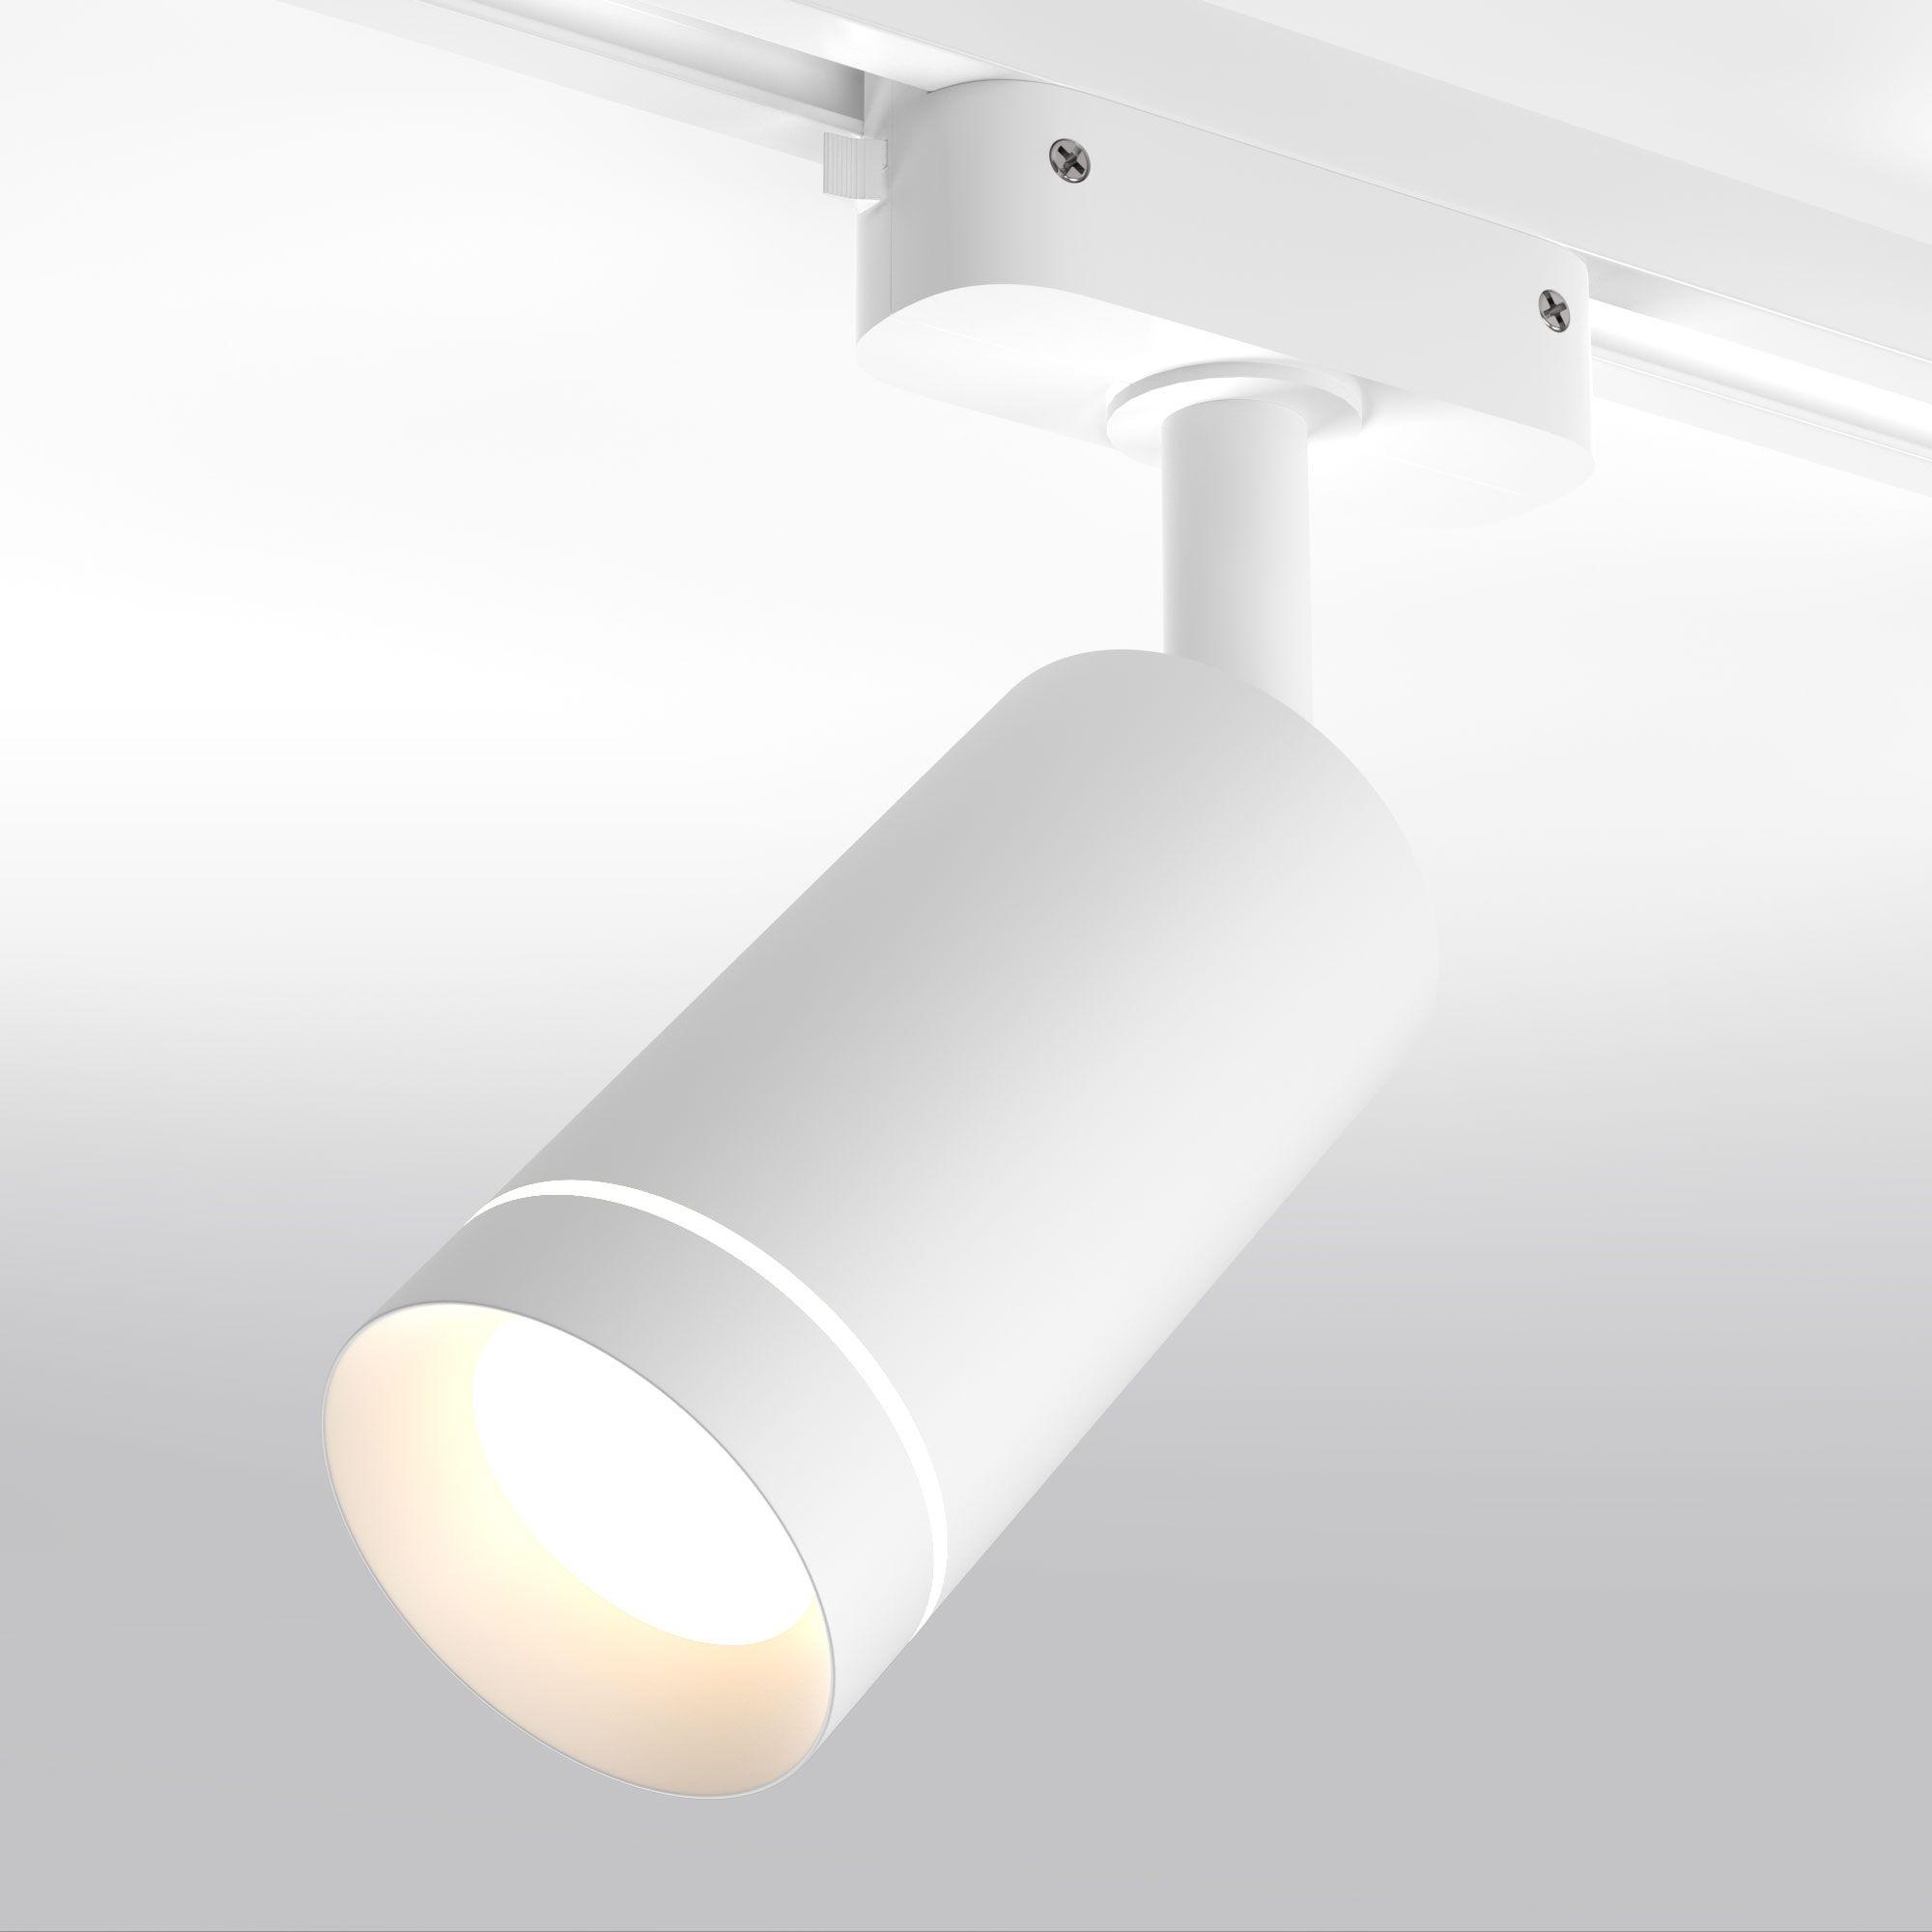 Трековый светодиодный светильник для однофазного шинопровода Glory белый 7W 4200K (1 шт.) LTB39